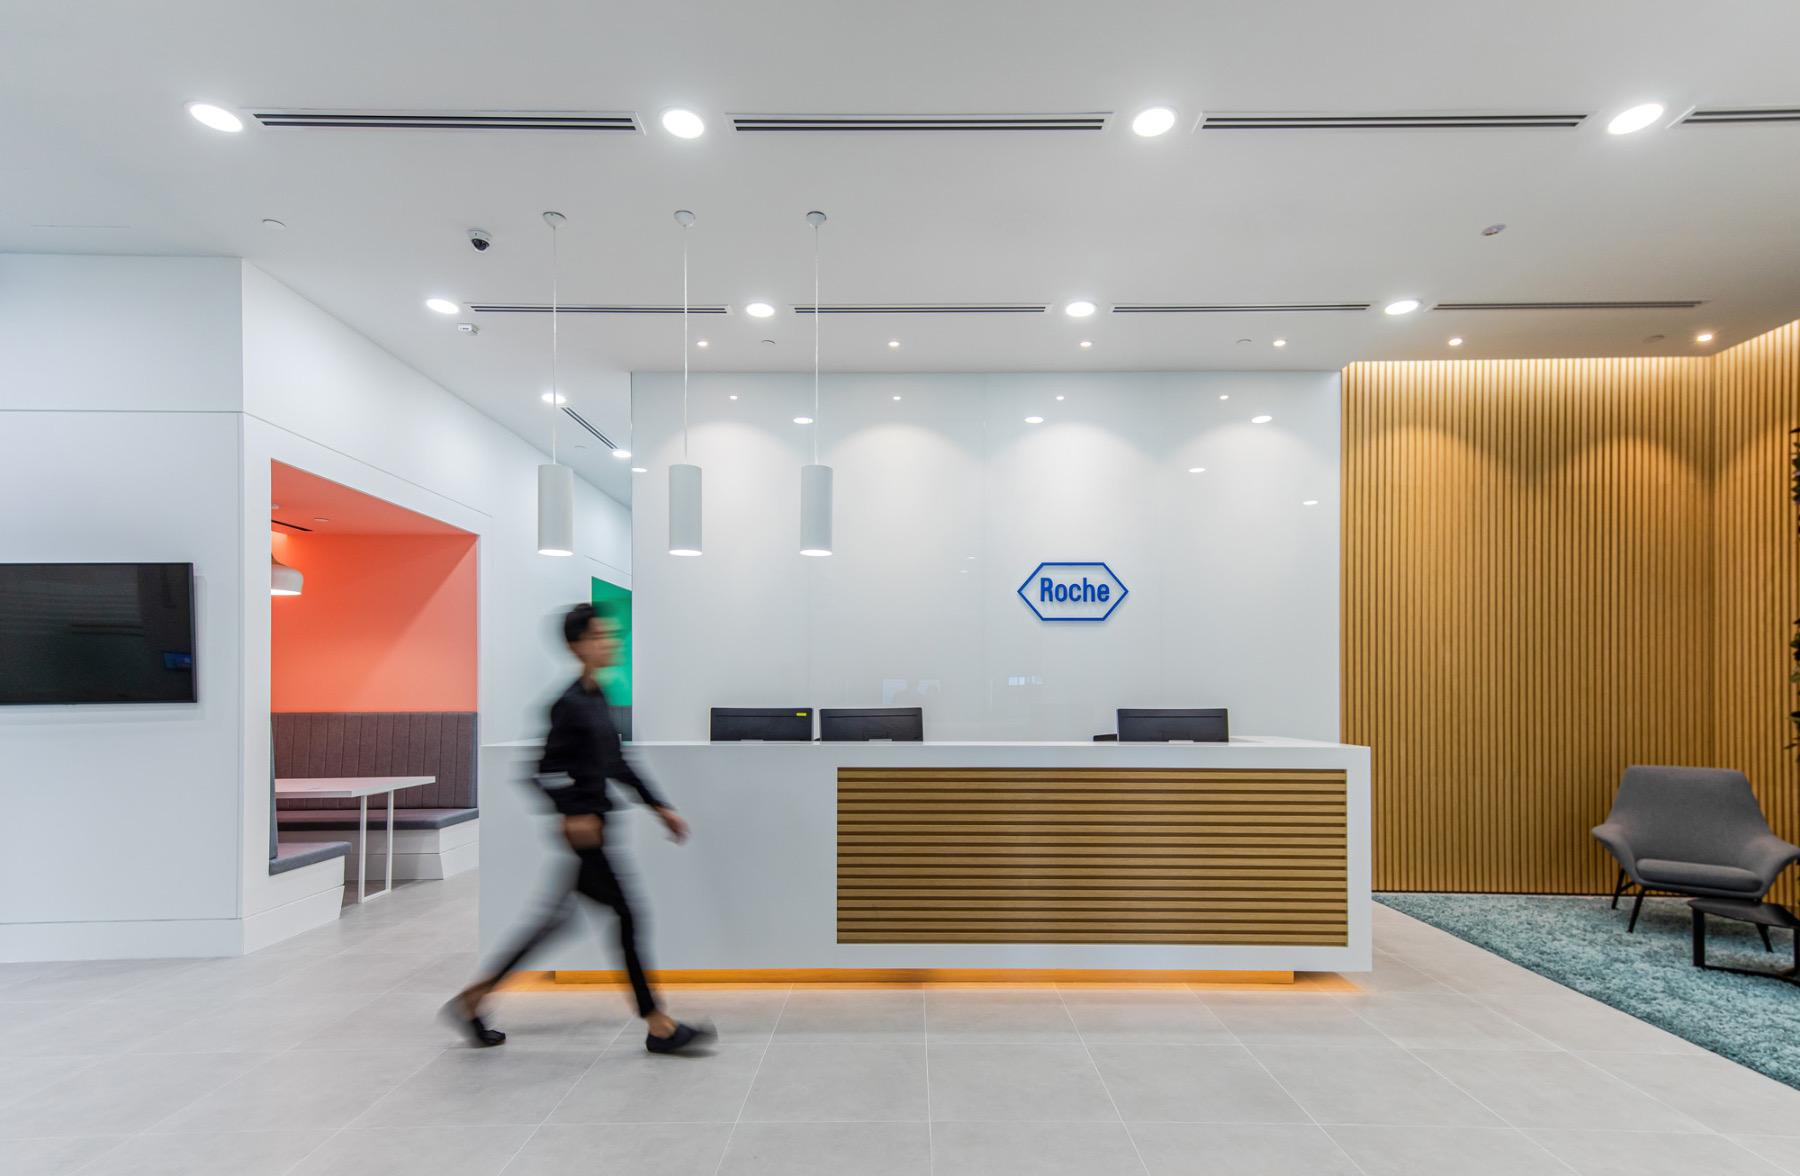 A Look Inside Roche's Minimalist Singapore Office